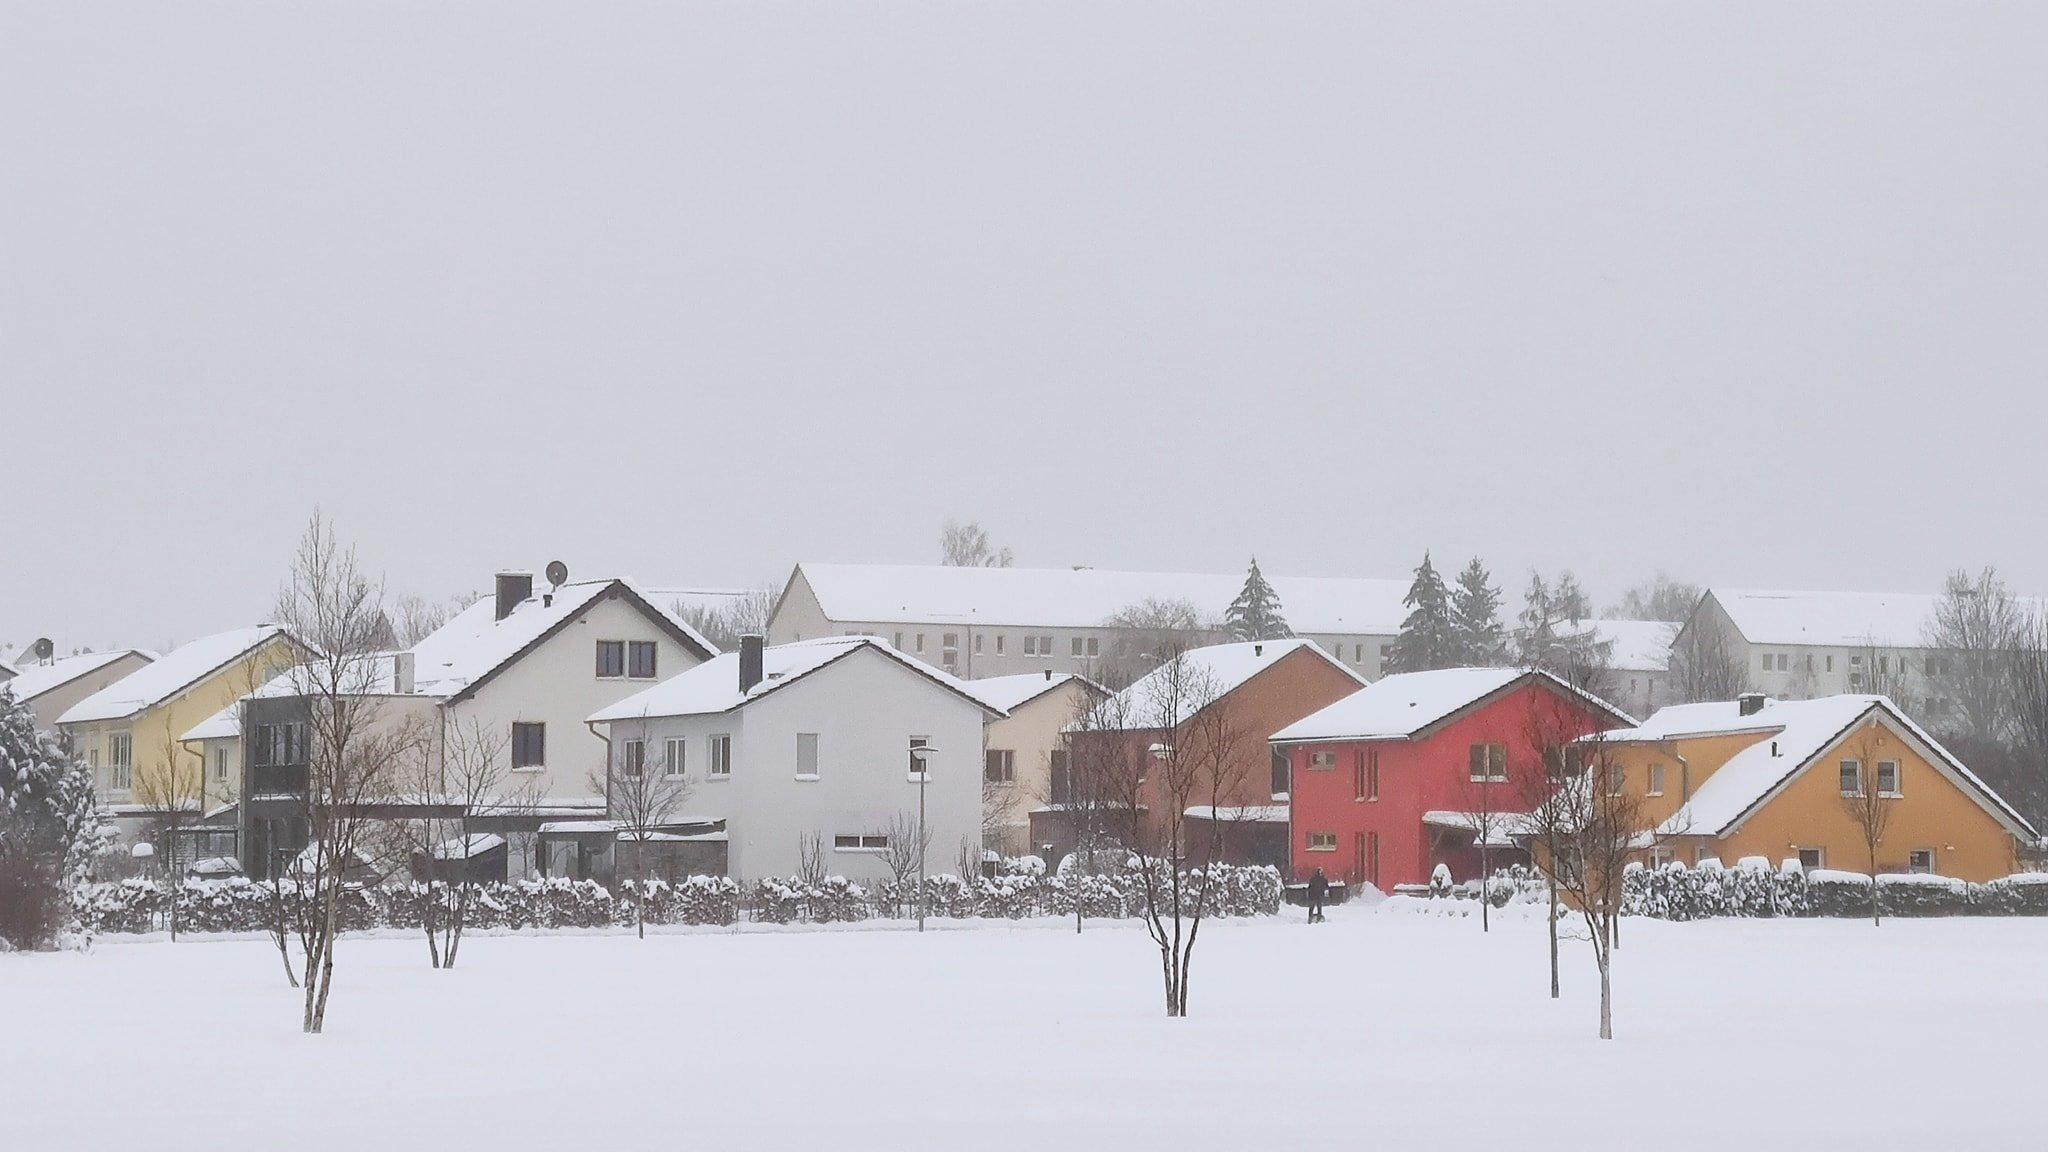 Buổi sáng ngày đầu năm mới, Lê Ngọc đón Tết trong khung cảnh tuyết trắng xoá tại Đức.